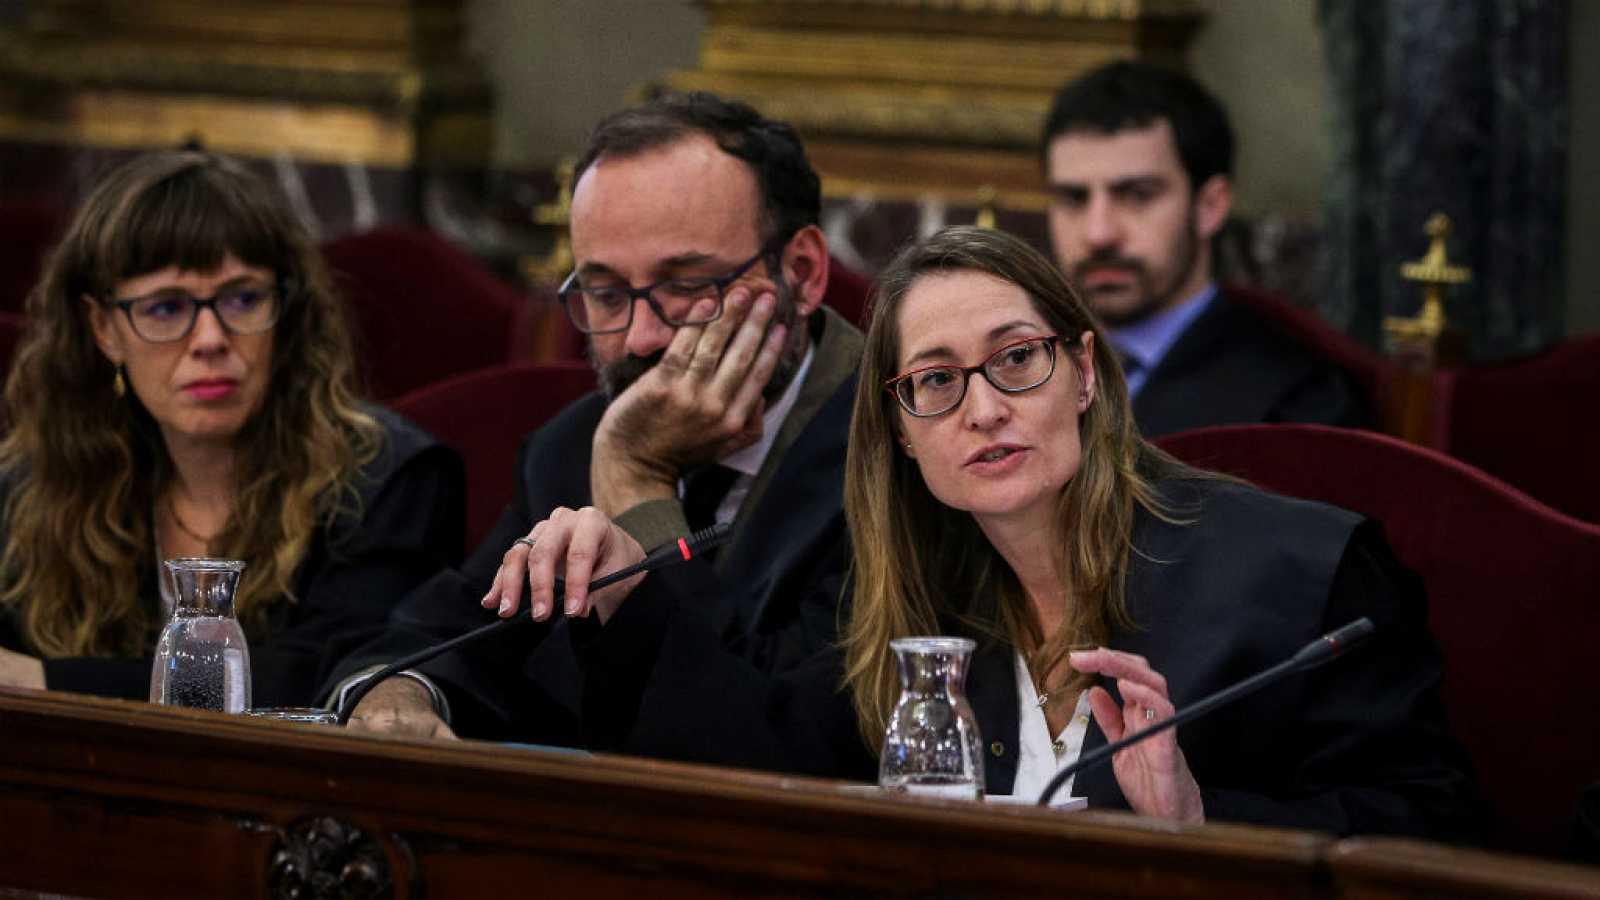 """Boletines RNE - Benet Salellas, abogado de Jordi Cuixart: """"Este juicio es una derrota de nuestro sistema democrático"""" - escuchar ahora"""